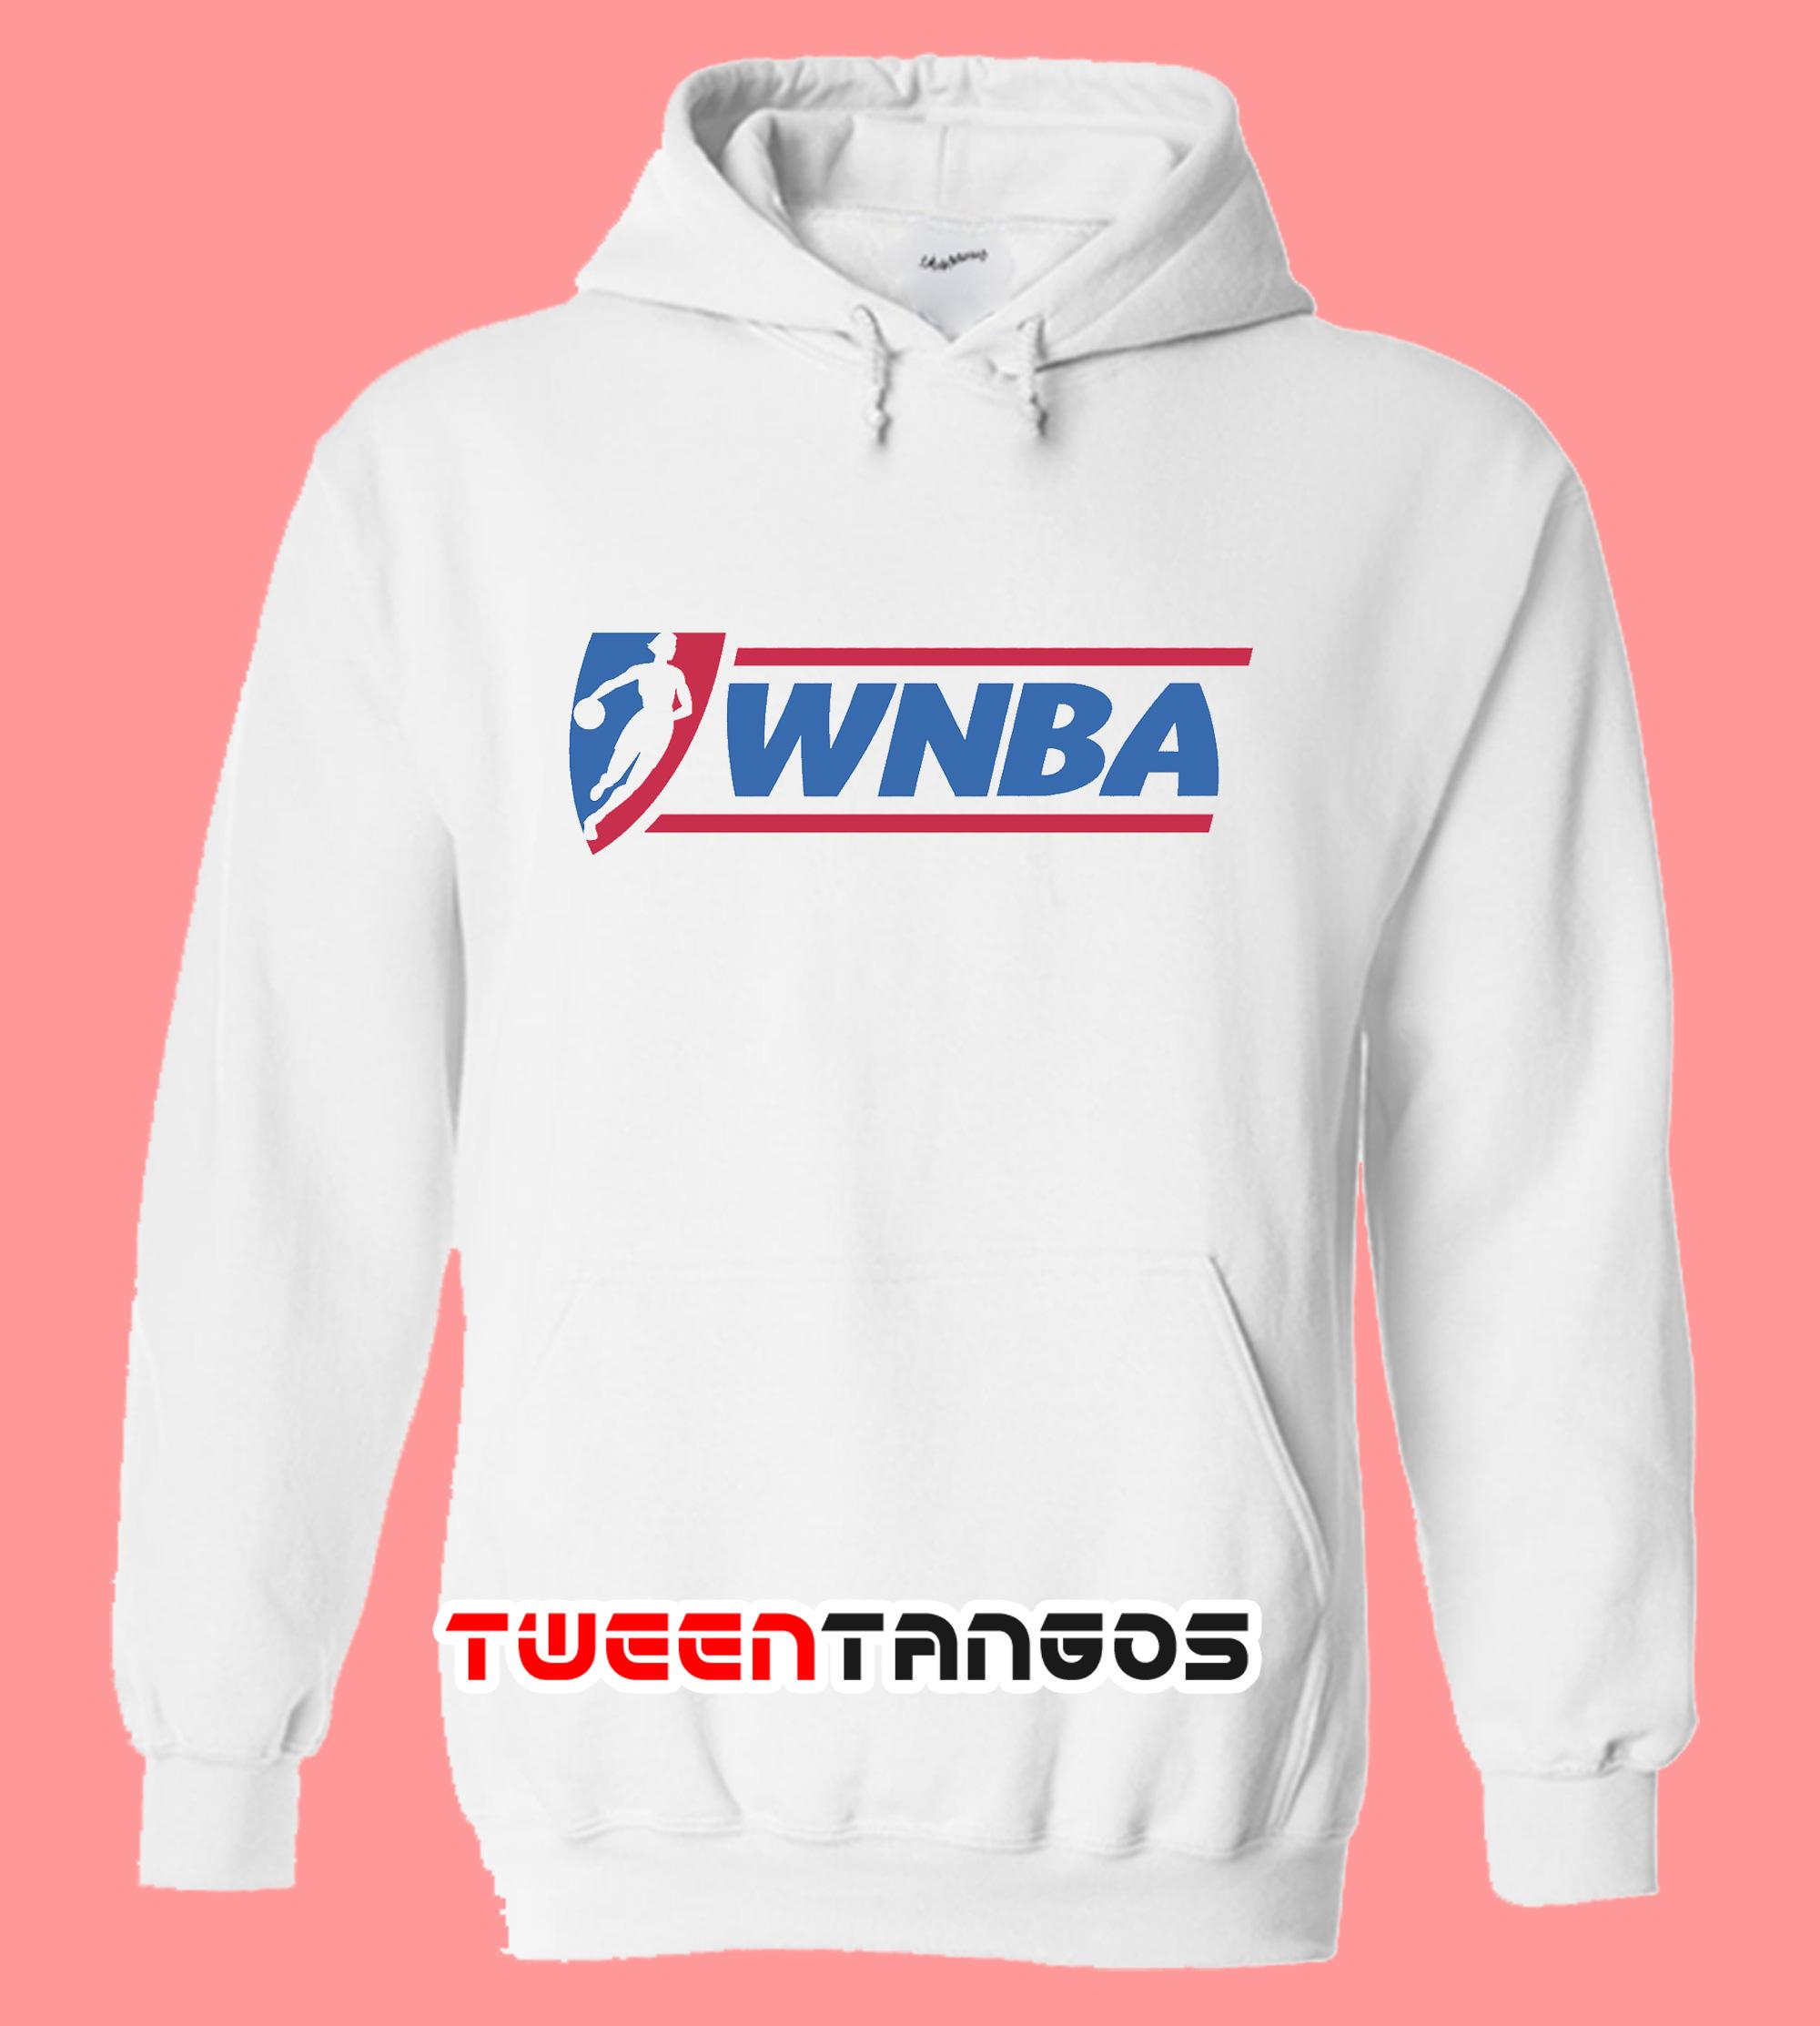 Women's National Basketball Association WNBA Hoodie